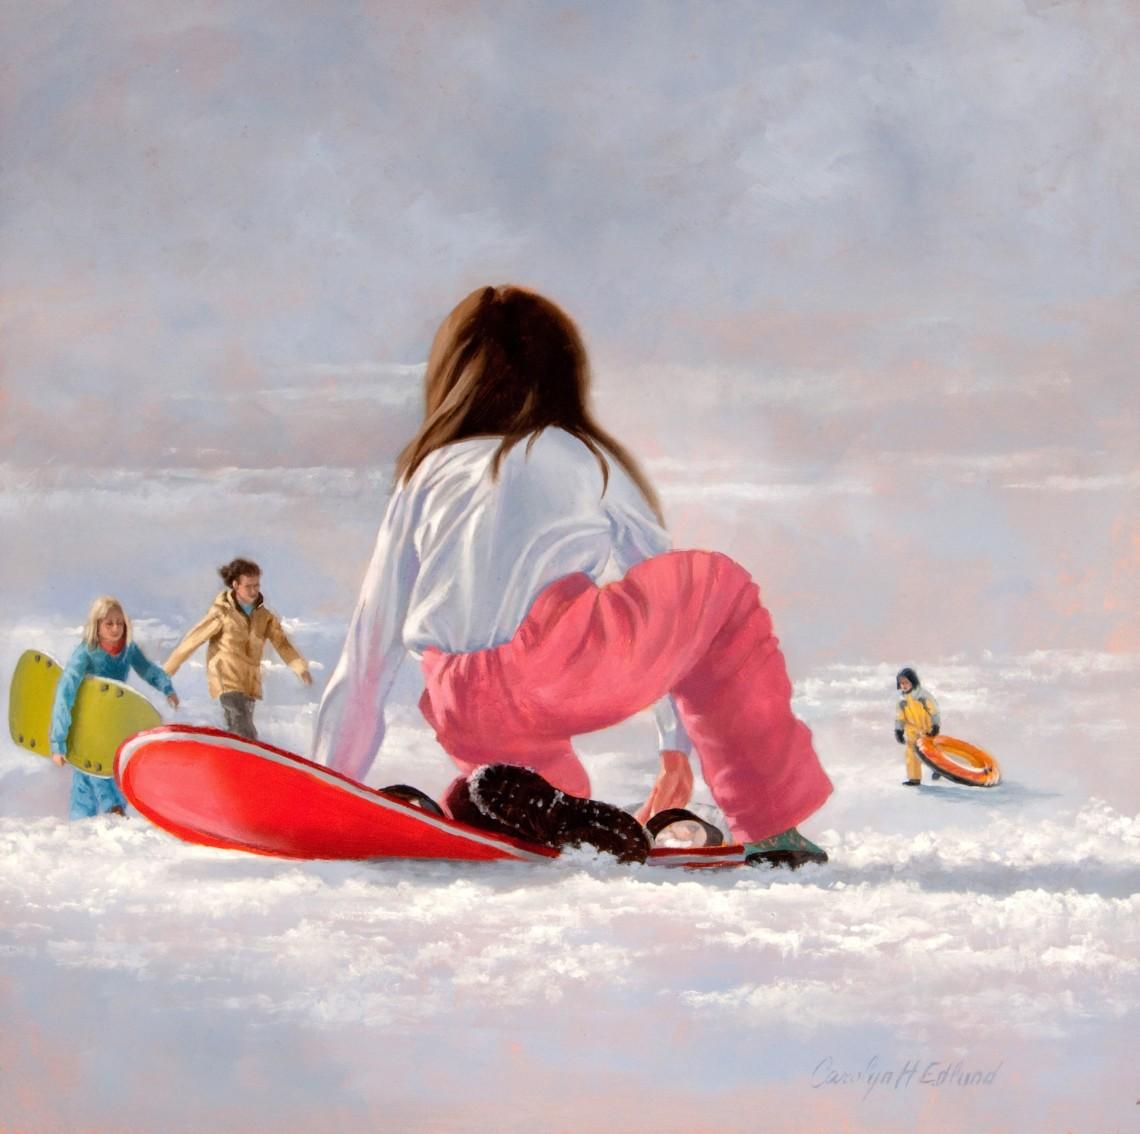 Carolyn Edlund Sledding 2013FL03 10x10 oil